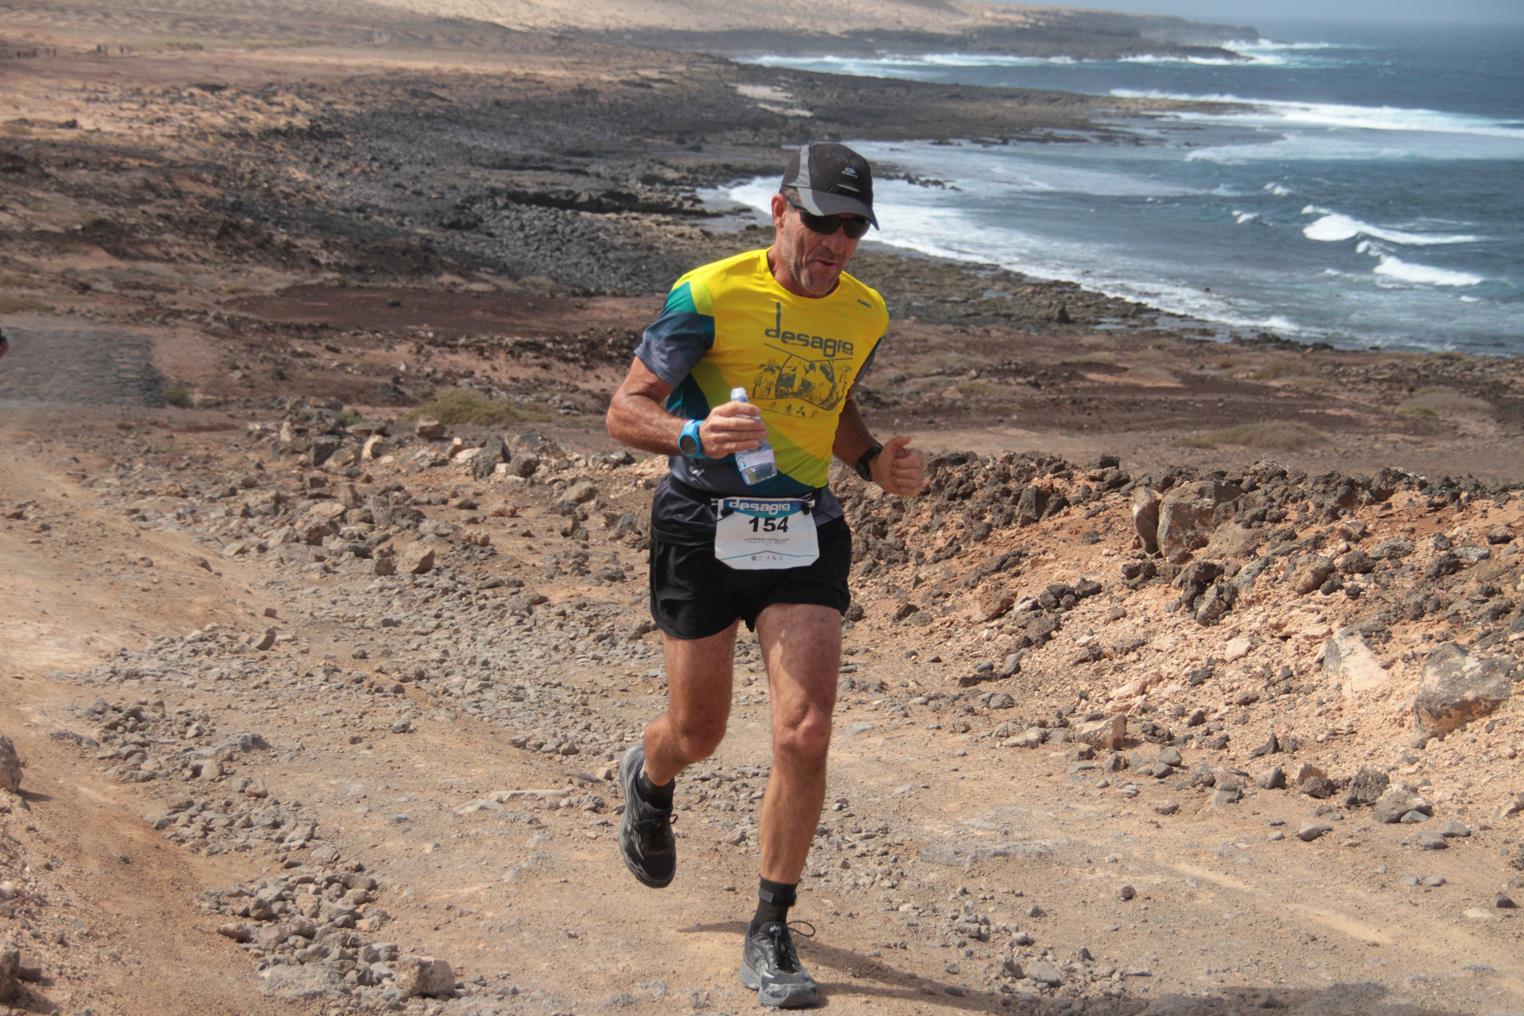 Desafio-Trail-385